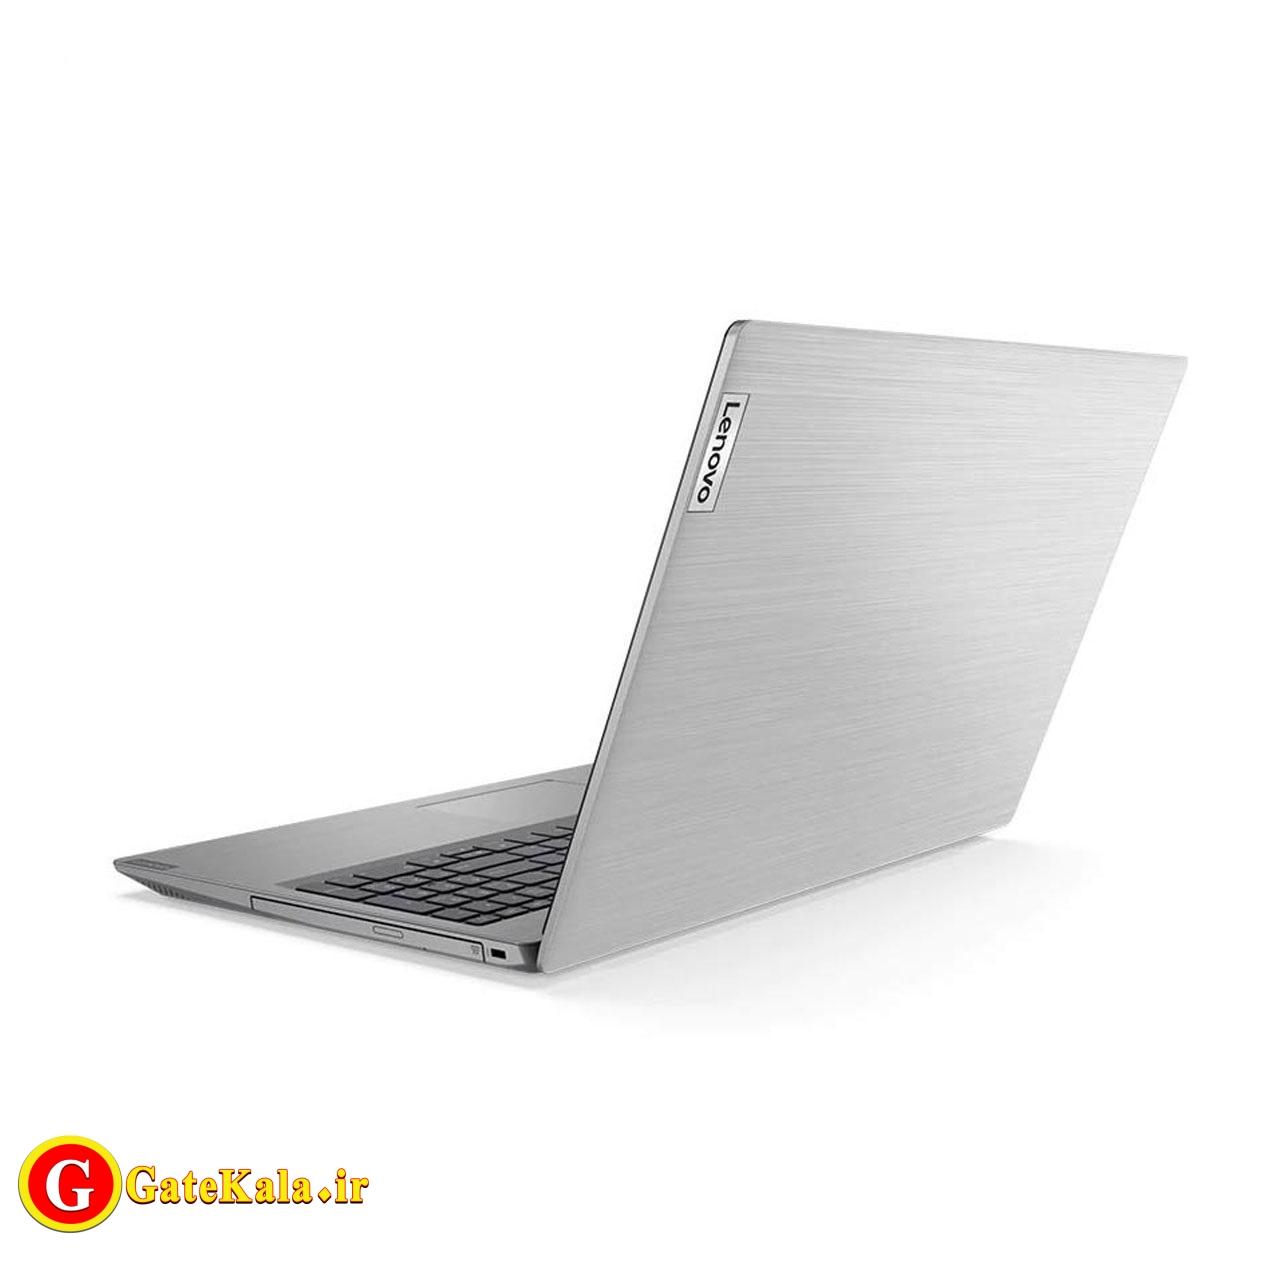 بررسی لپ تاپ Lenovo IdeaPad L3